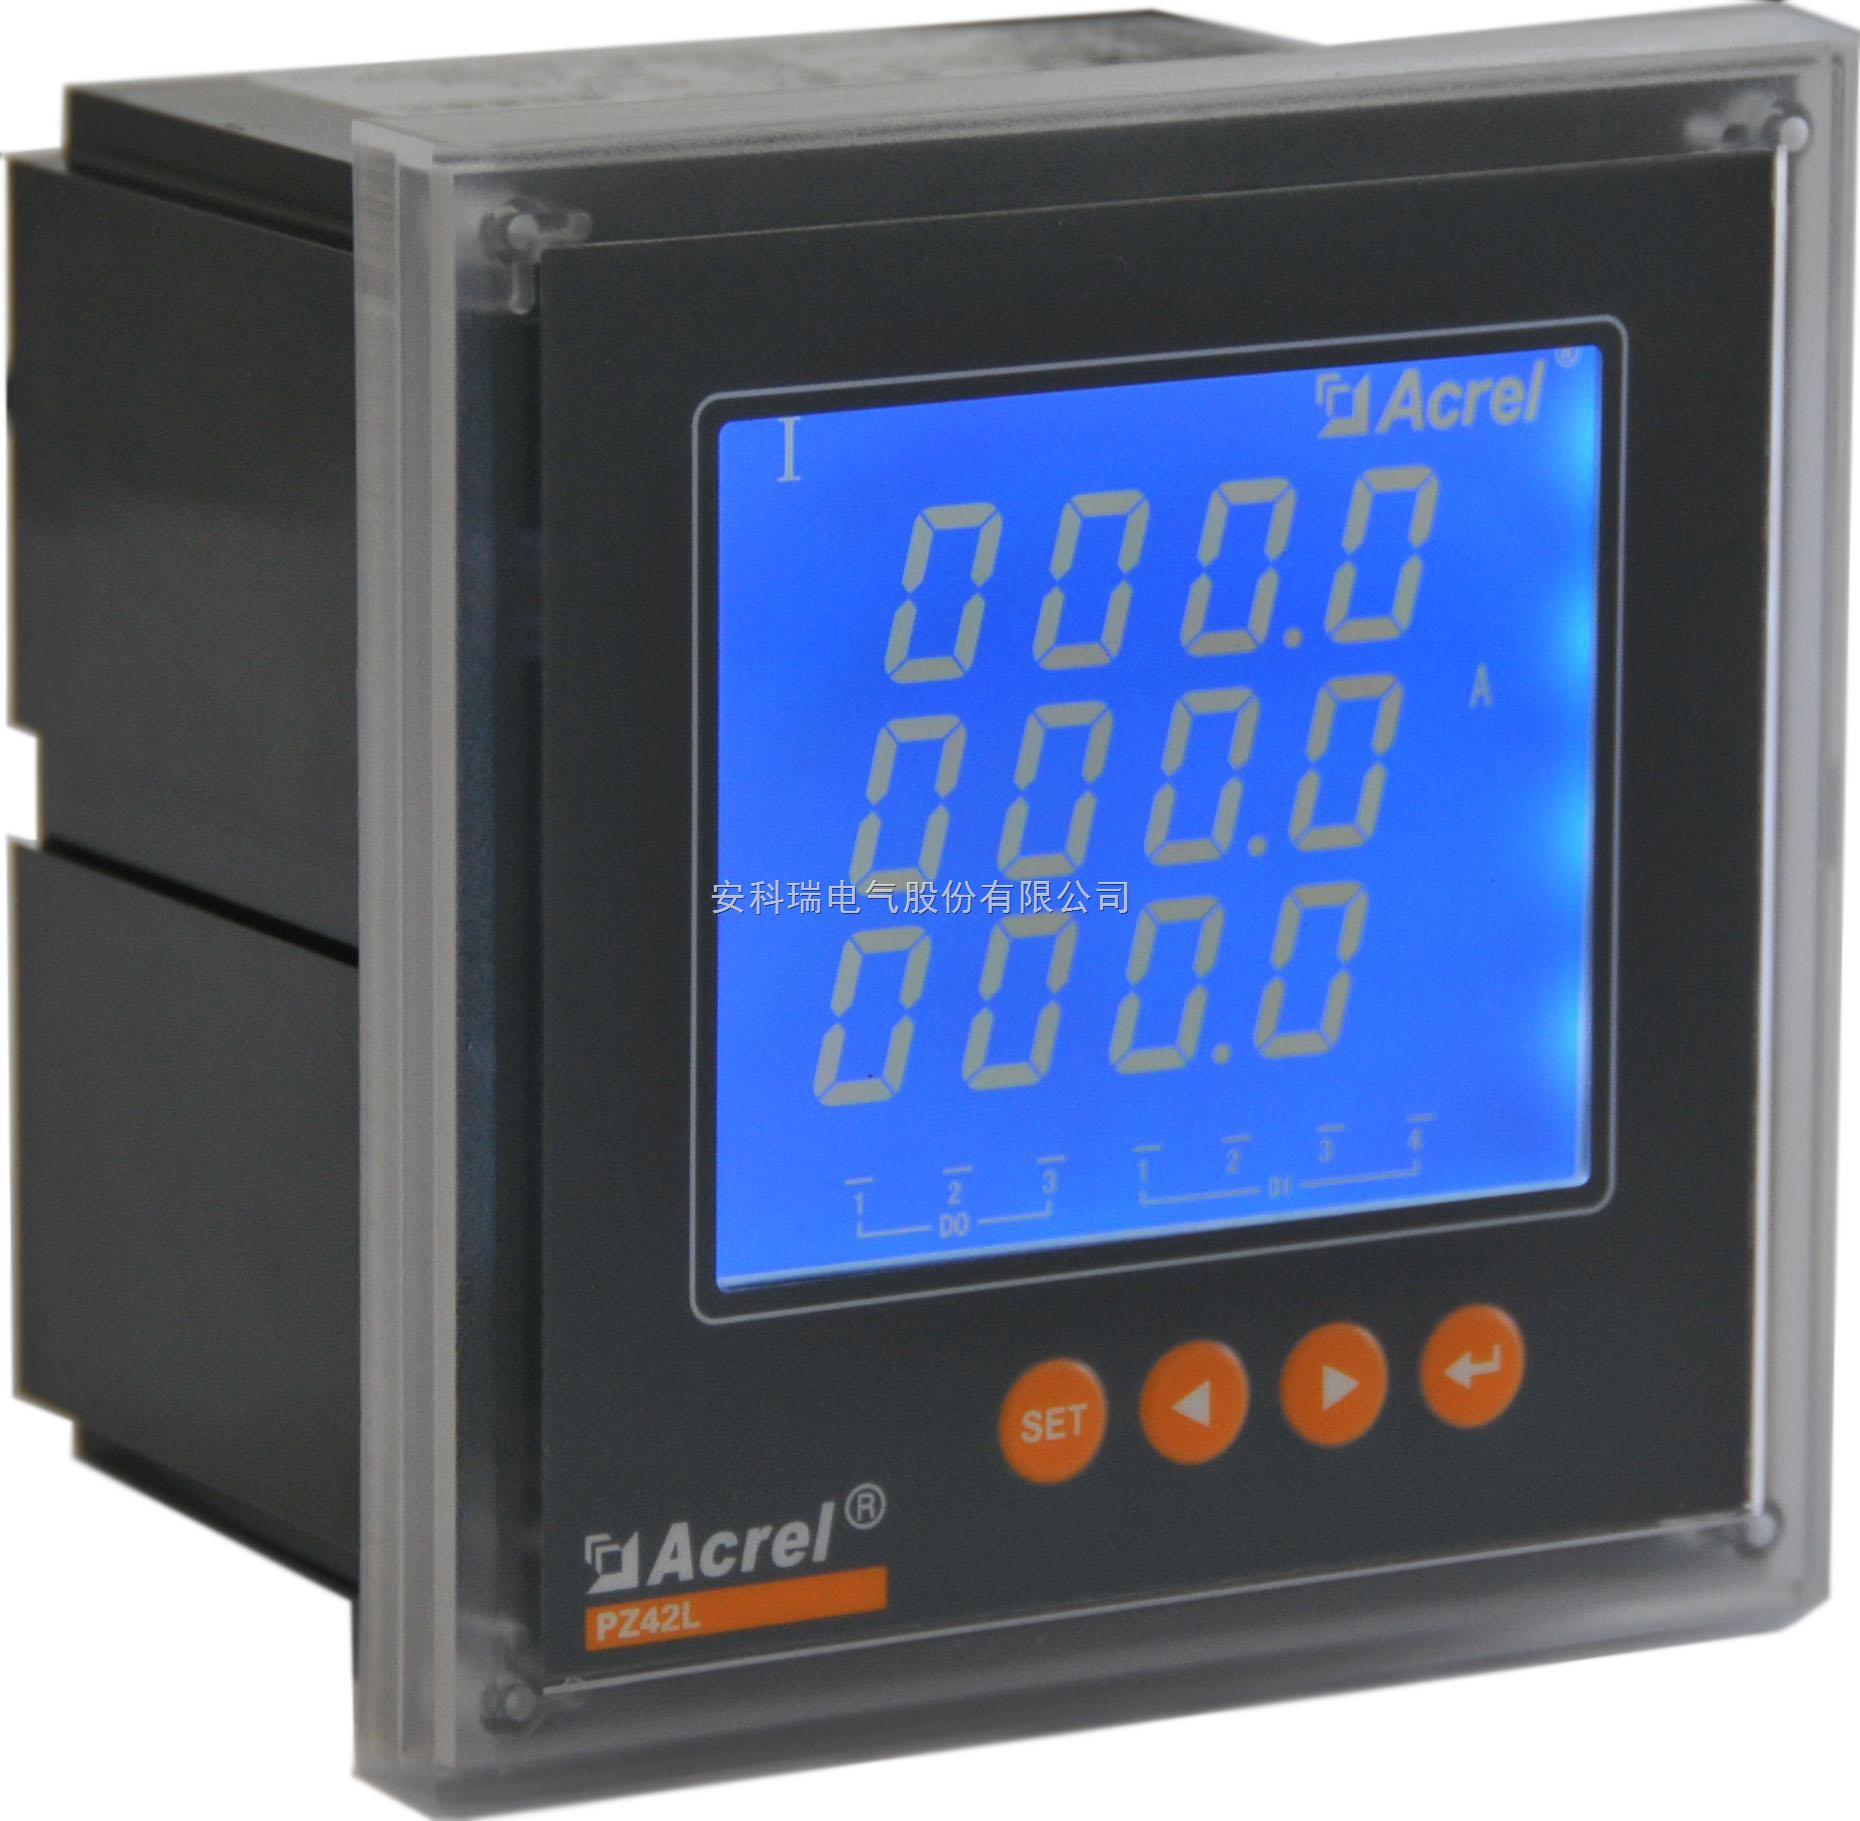 安科瑞方形液晶三相电流表P96L-AI3直销